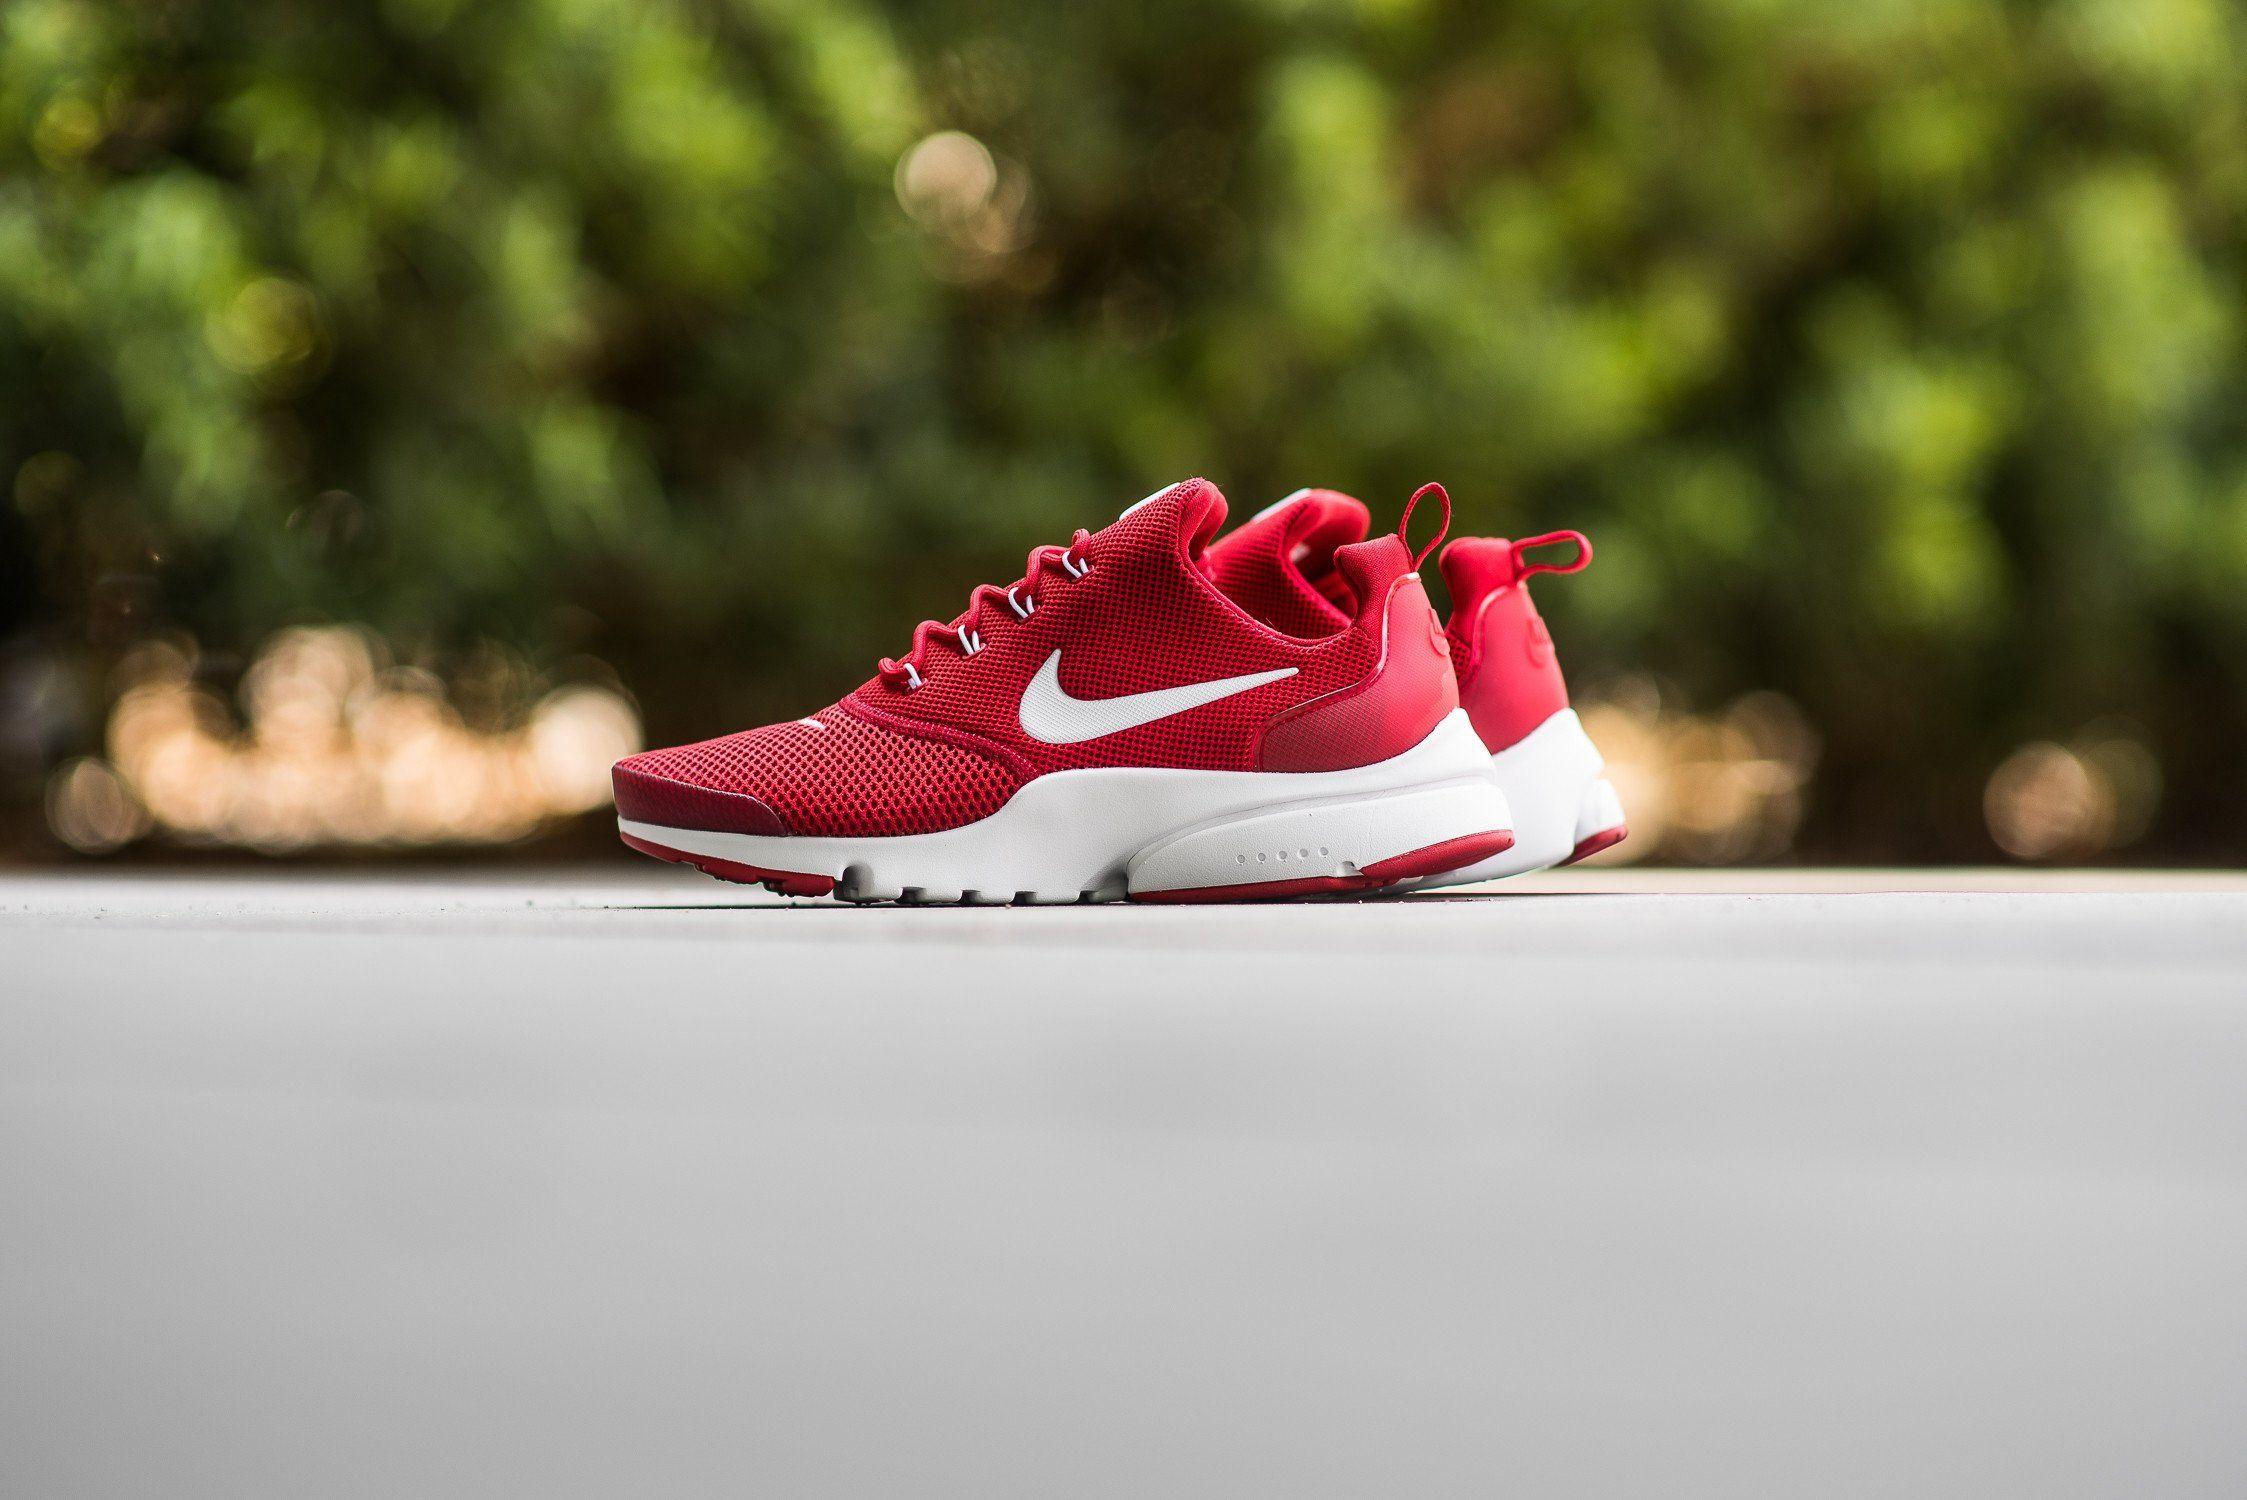 Nike presto, Nike, Air max sneakers